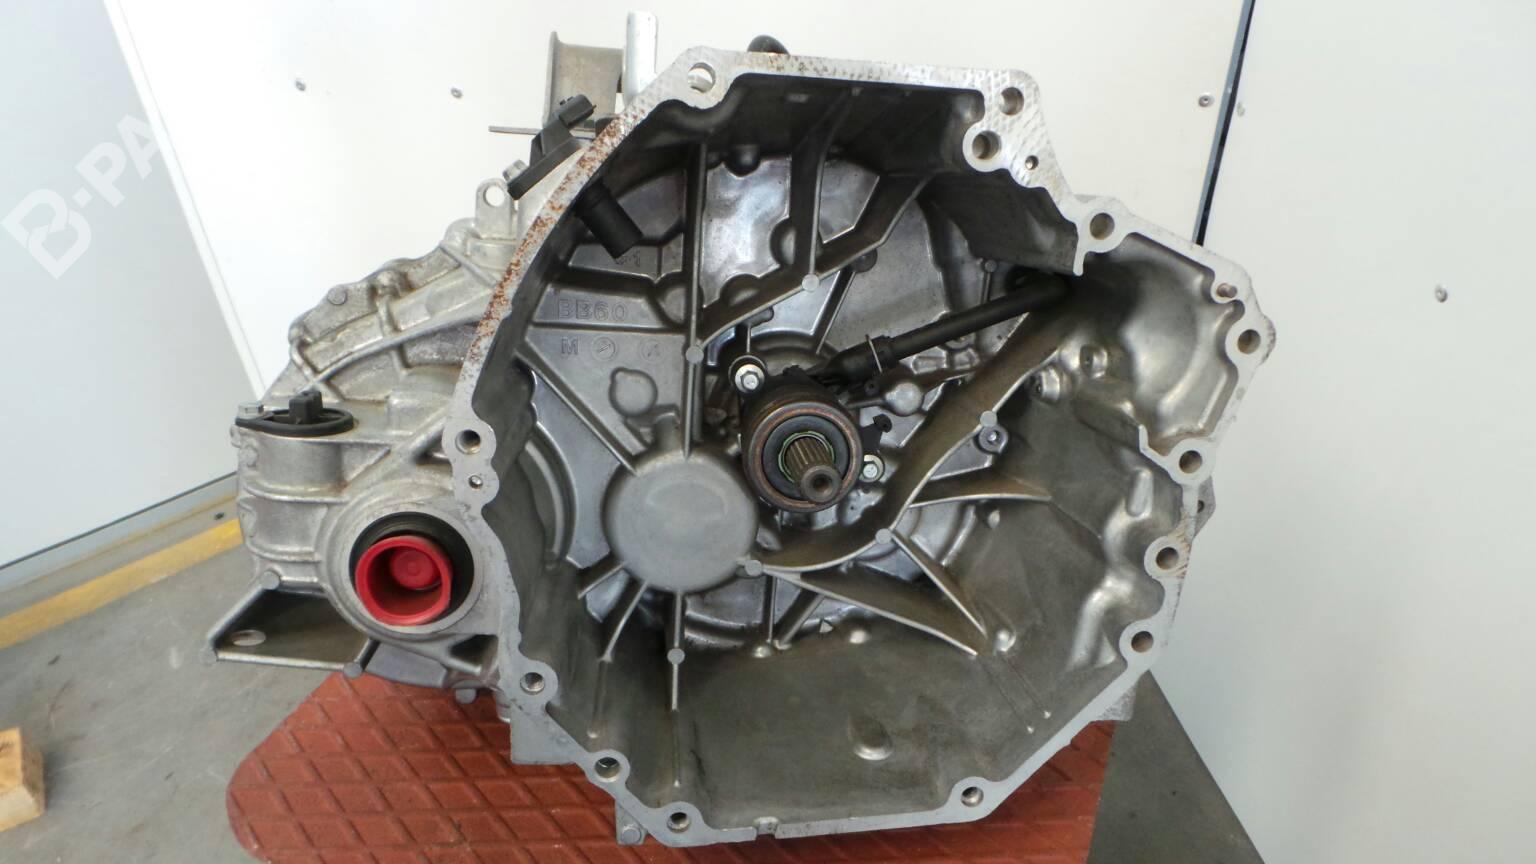 Manual Gearbox Nissan Qashqai 2 I J10 Jj10 16 Dci 19221 Alternator Wiring Diagram F6 32010bb60d 6 Veloc